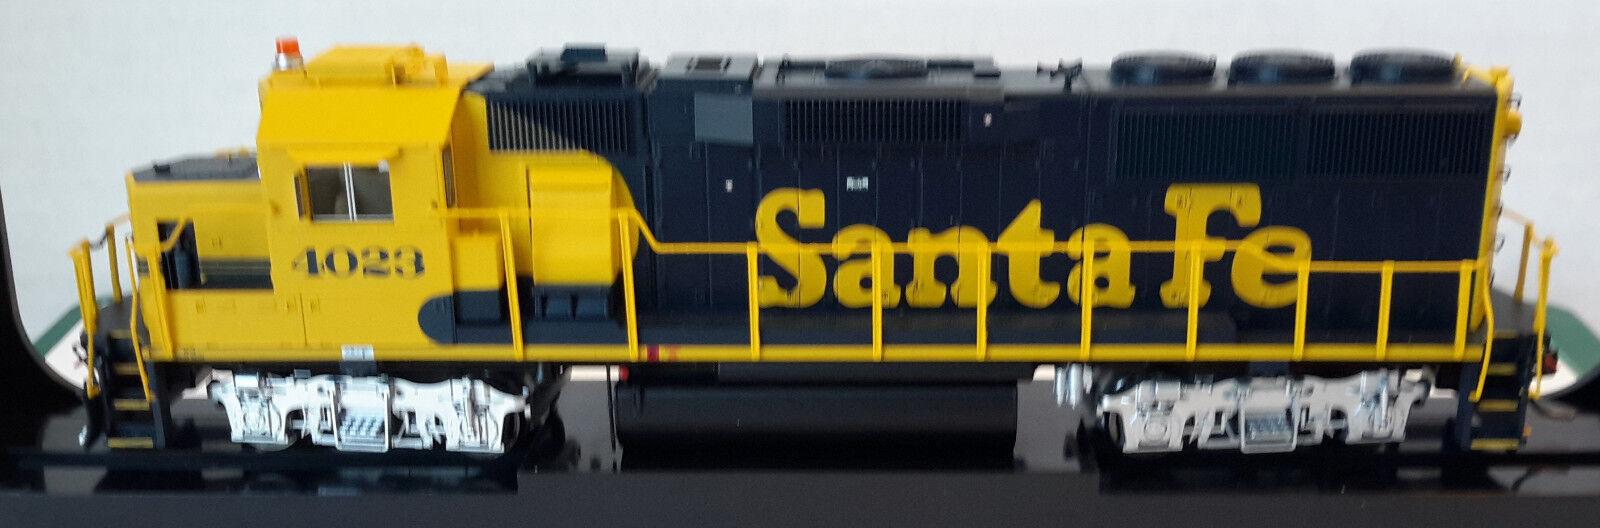 Escala Ho Fox Valley Models GP60 'Santa fe' Dcc Listo artículo  20251